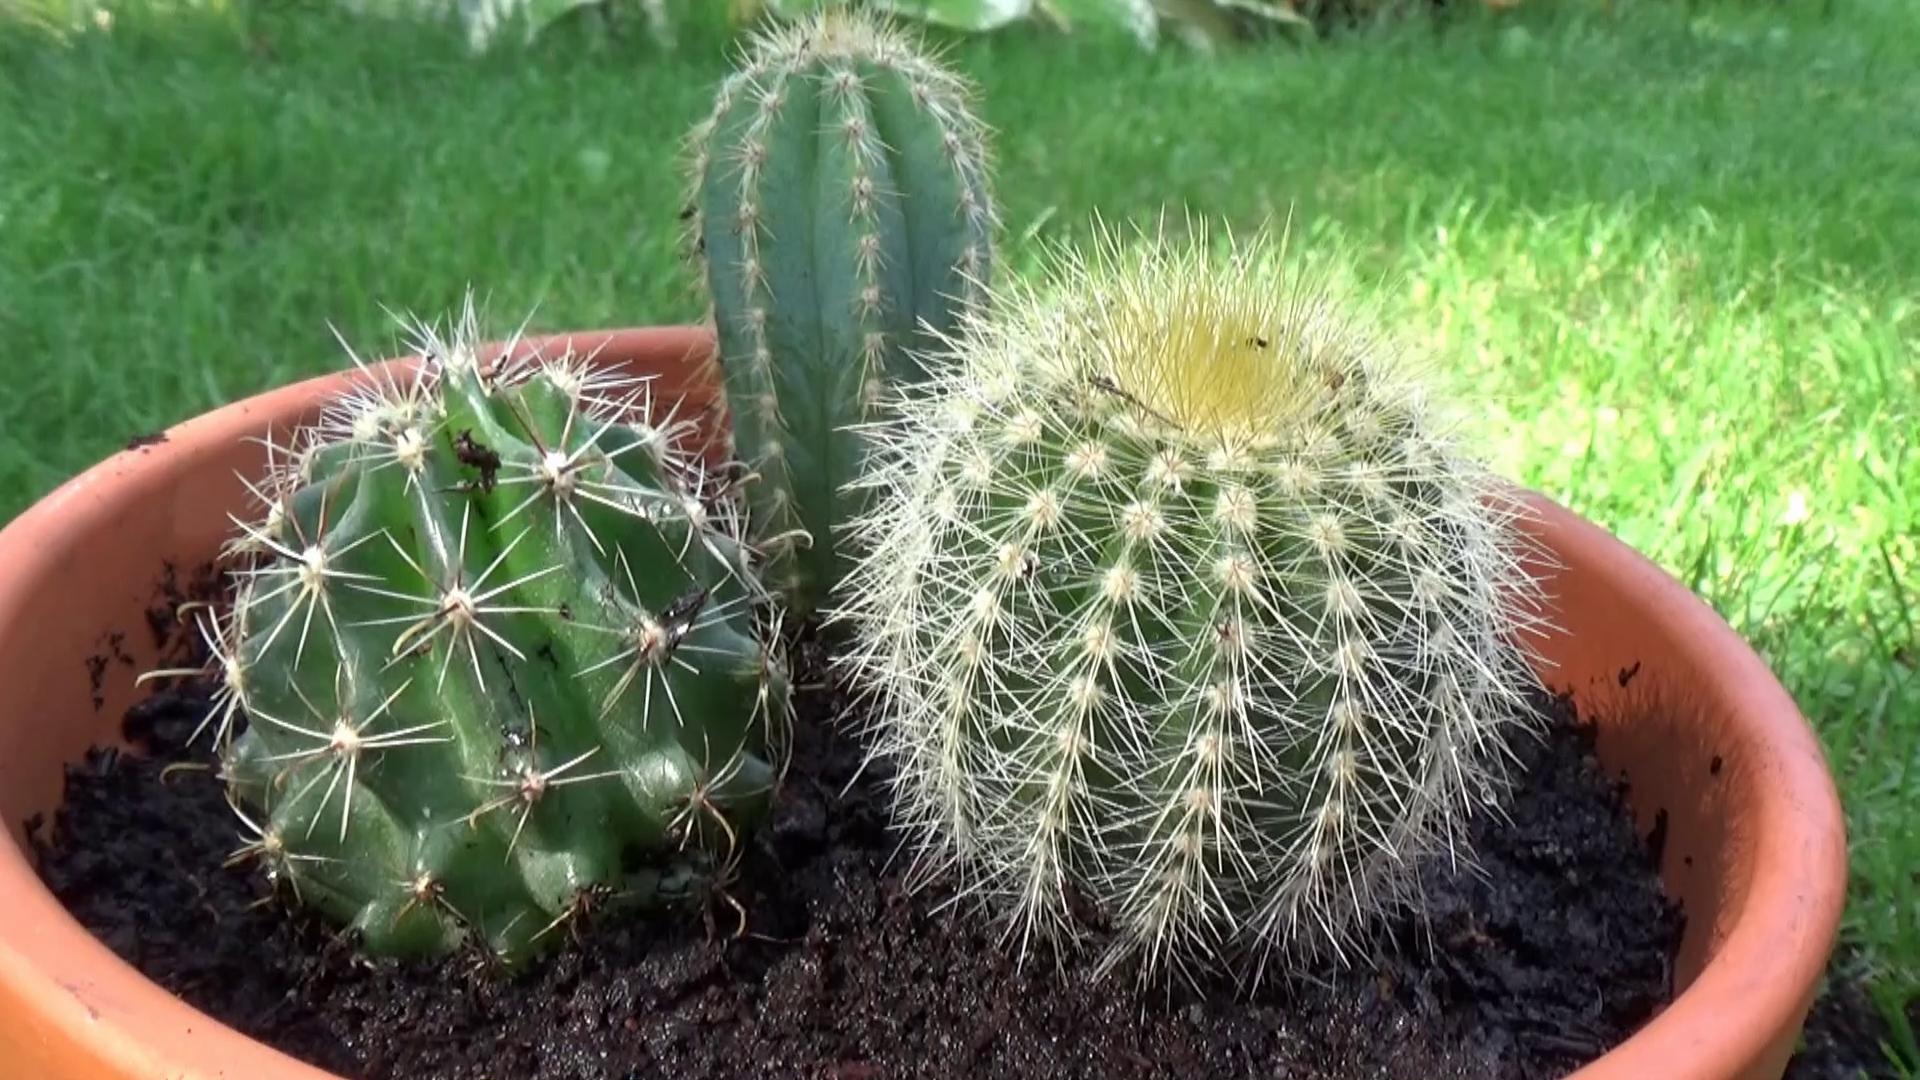 Doniczka Z Kaktusami Ogród W Mieście